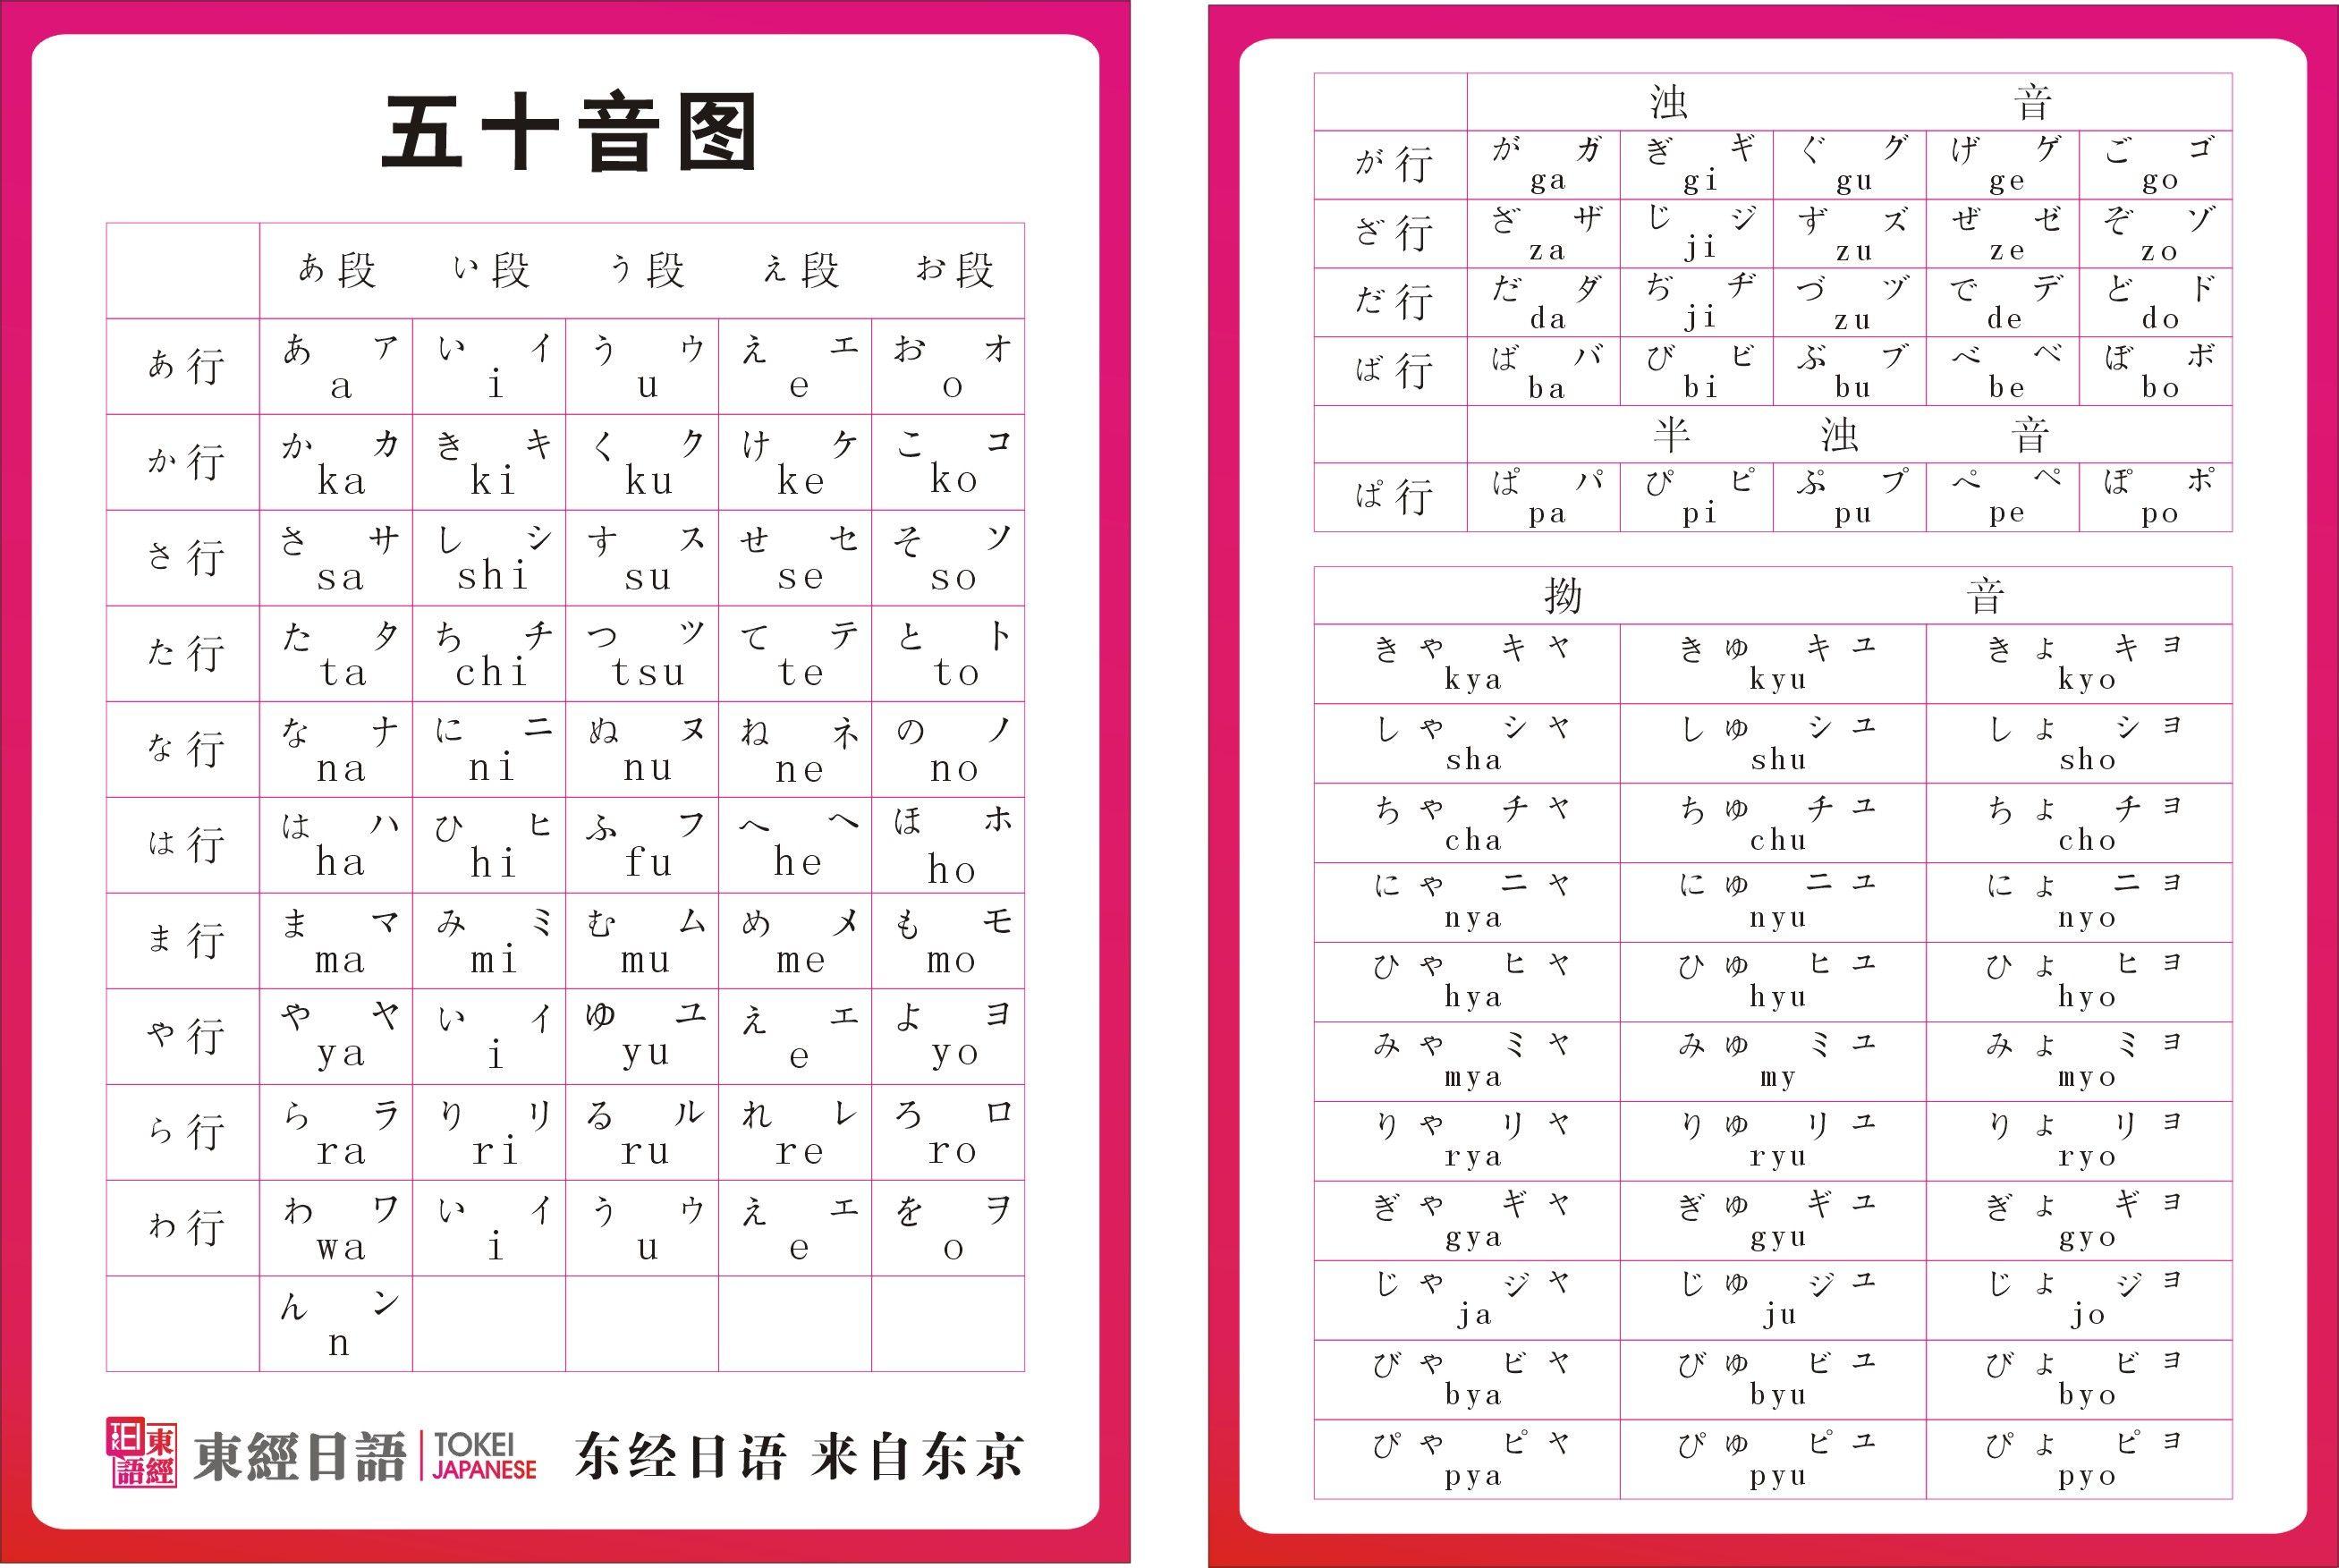 日语五十音图学习1_日语五十音图_百度知道